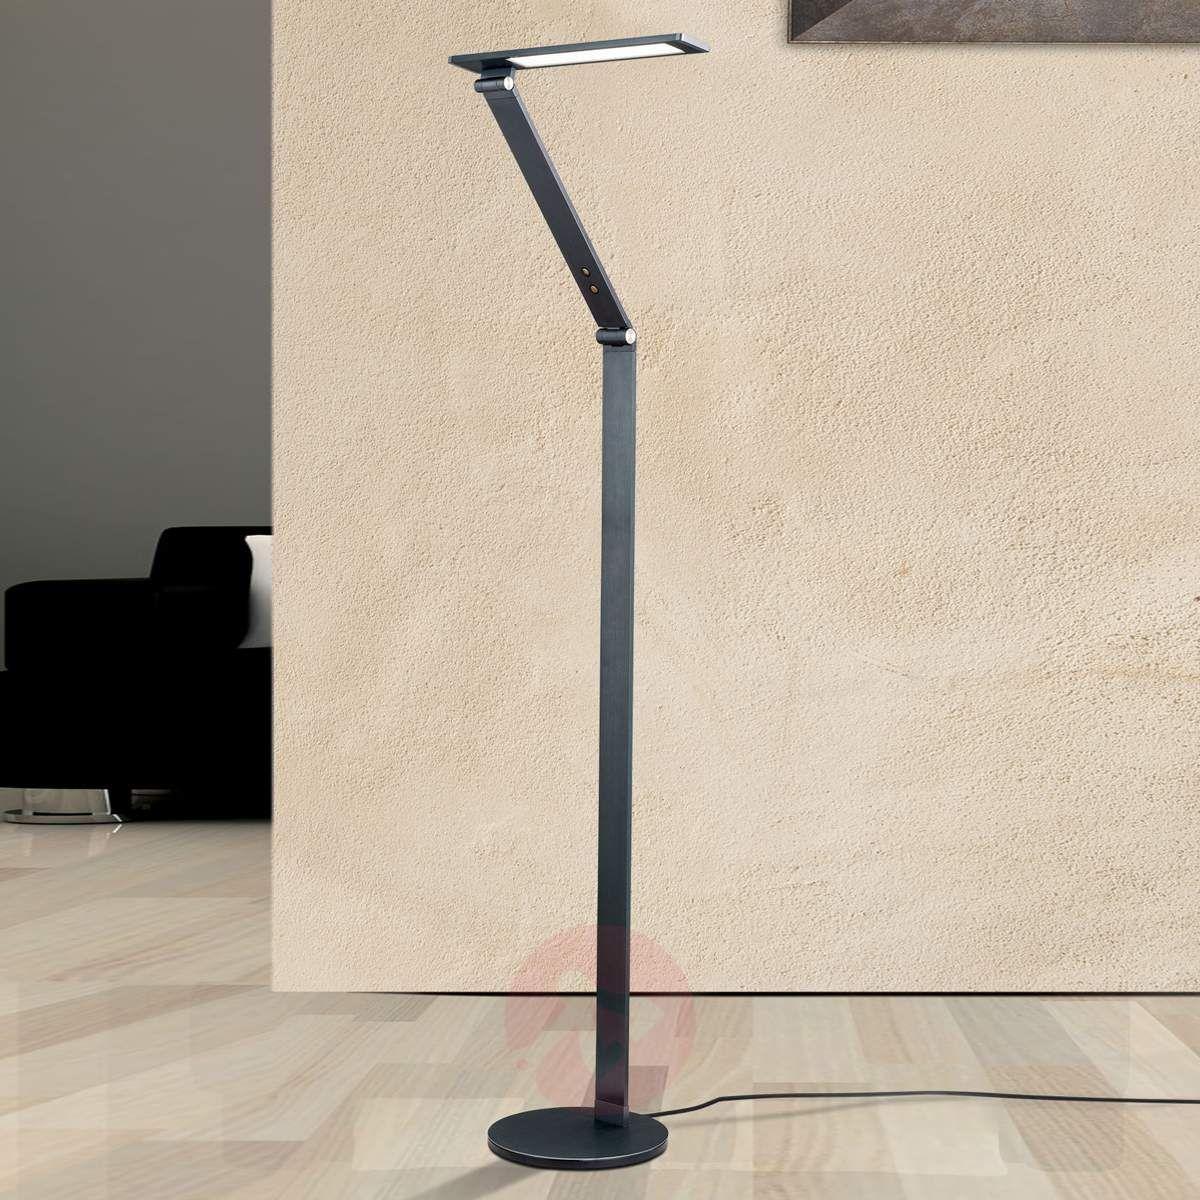 lampy stojące na podlodze